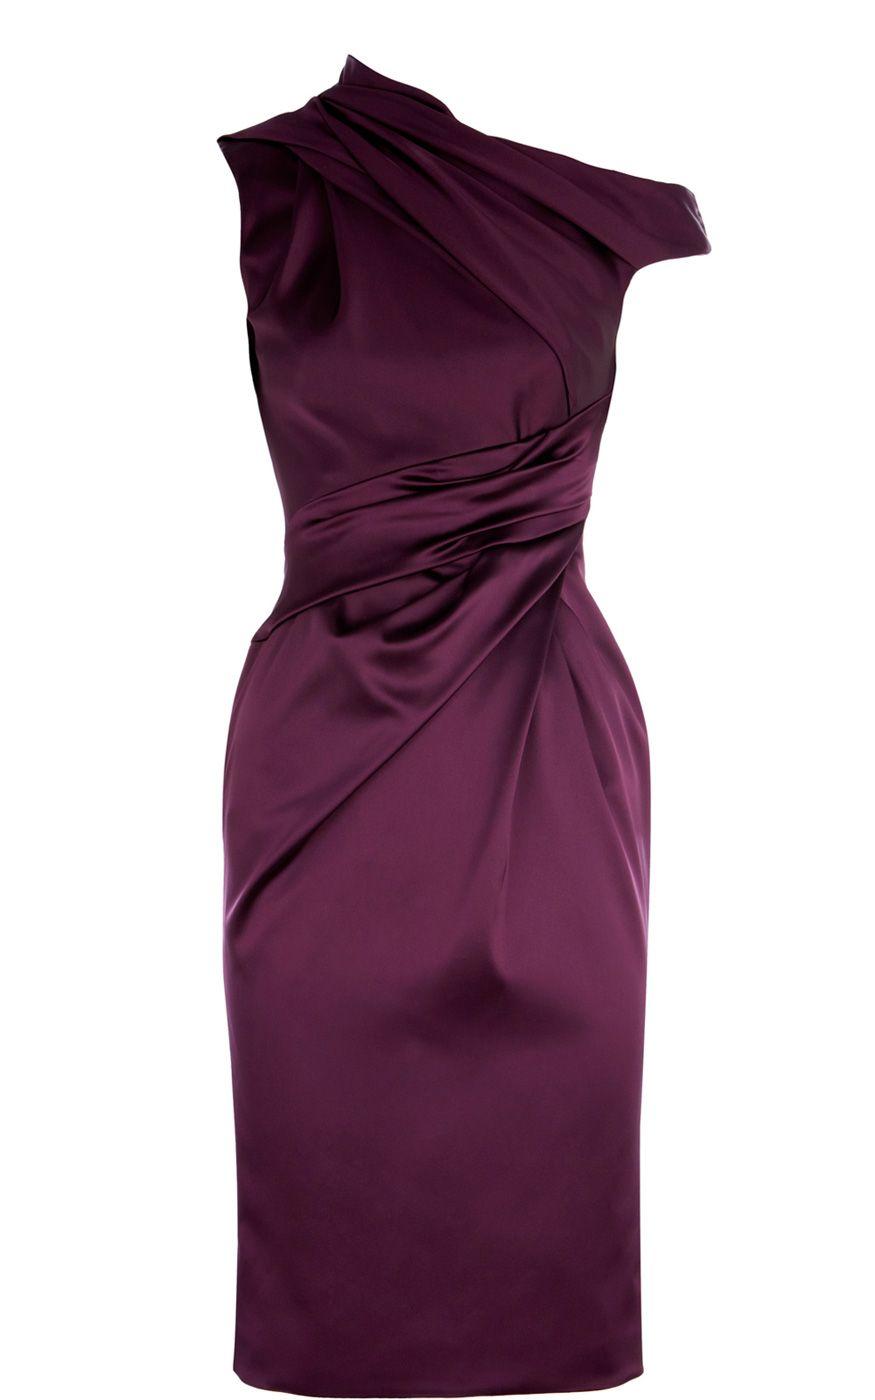 21791dea Karen Millen plum dress. Pretty in general, but would be super sassy as a  bridesmaids dress, too.